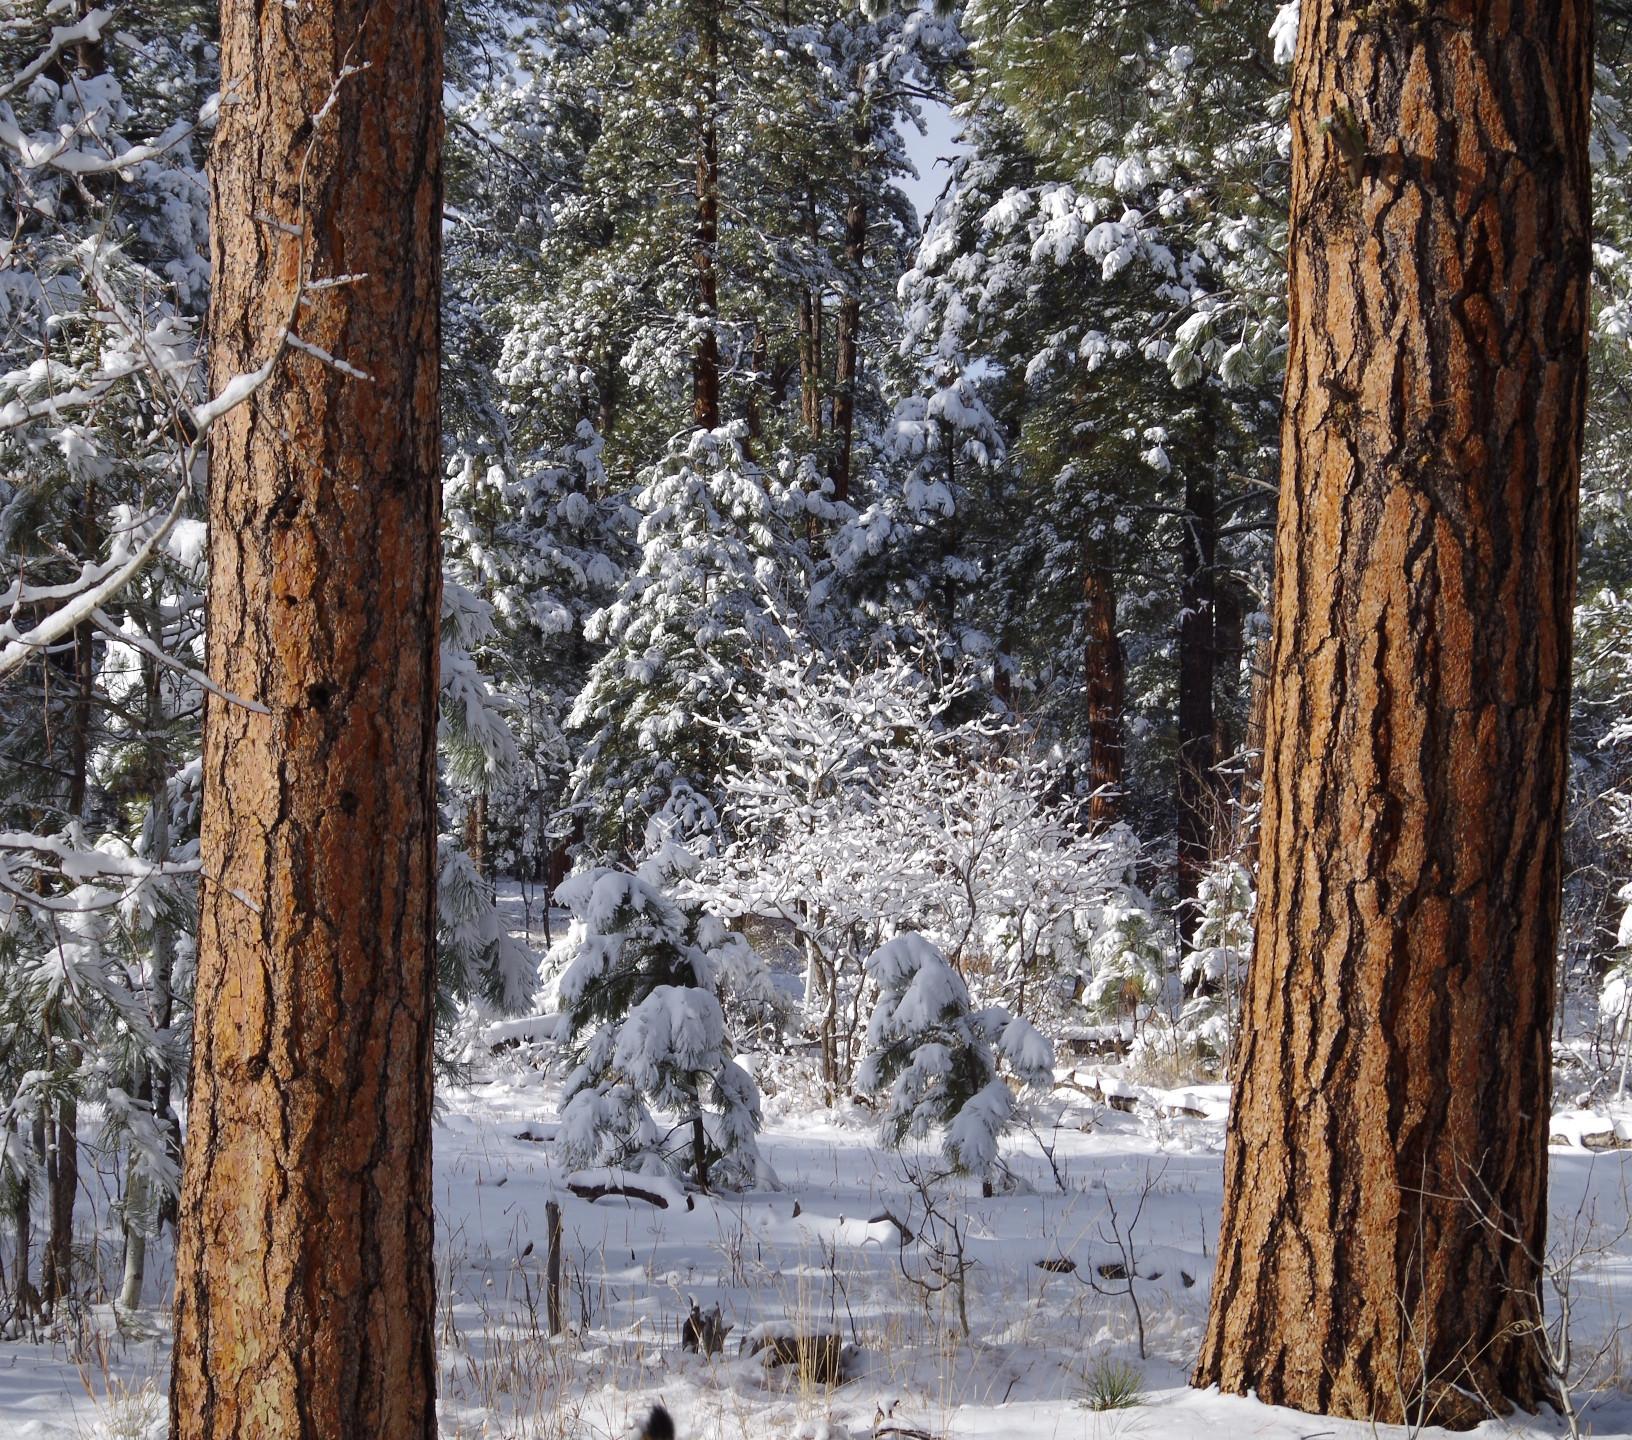 Old growth ponderosa pines in Turkey Springs